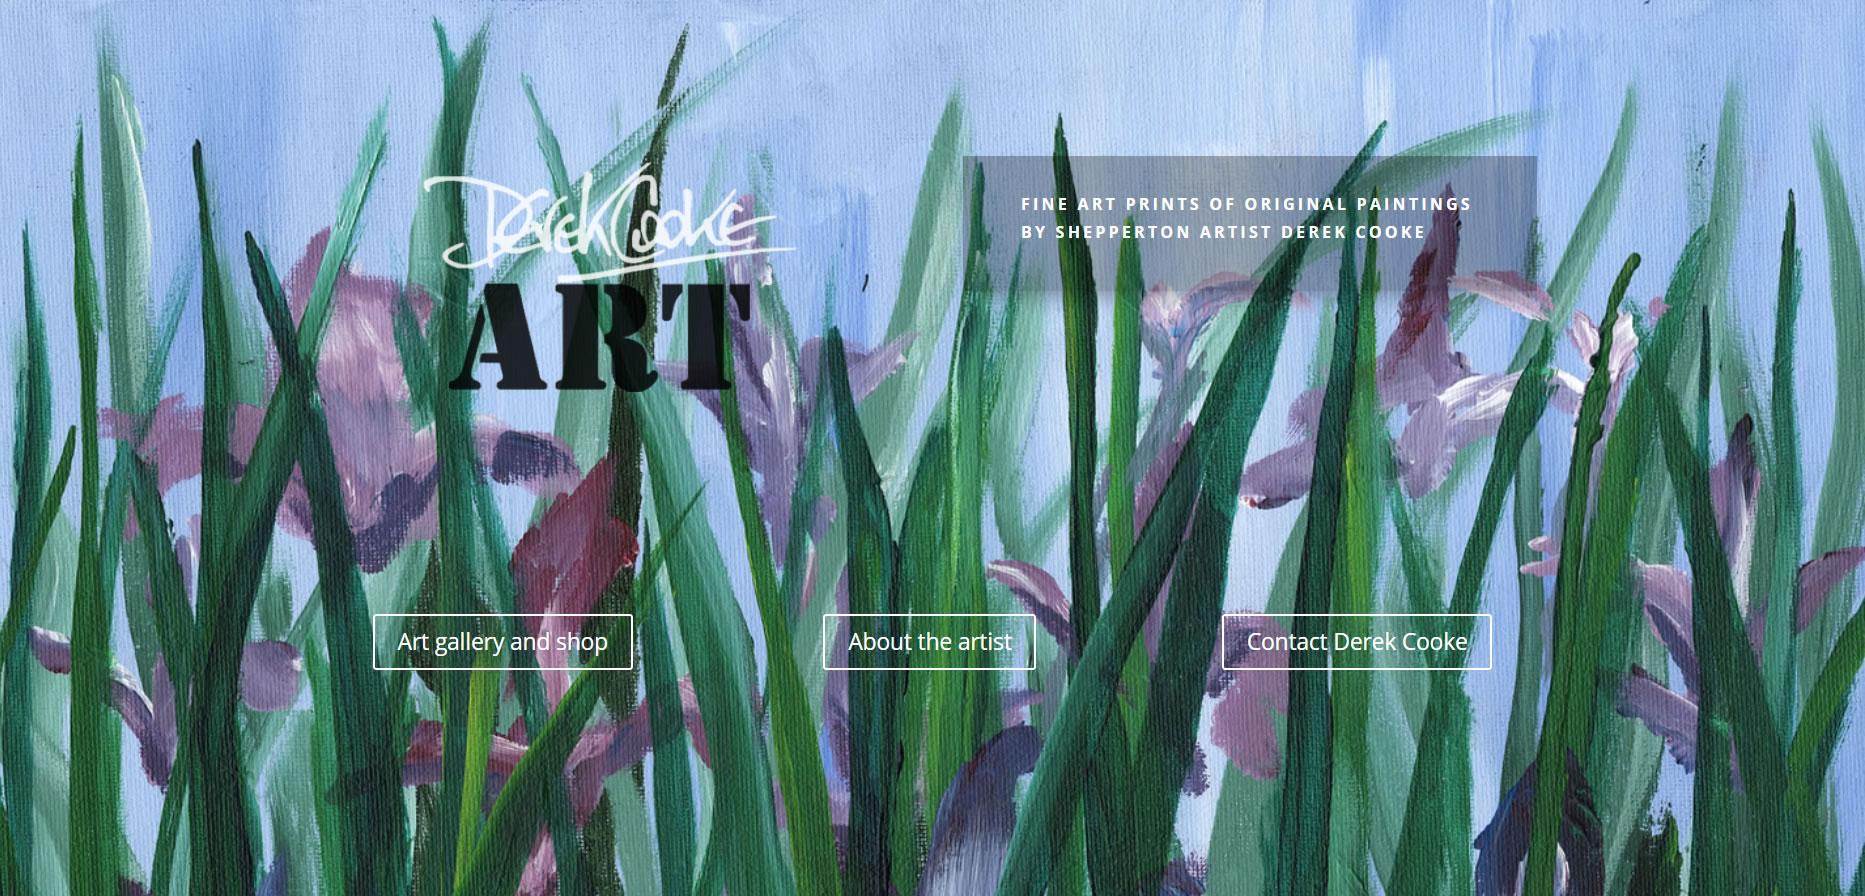 Artist website for Derek Cooke by Sussex Artists